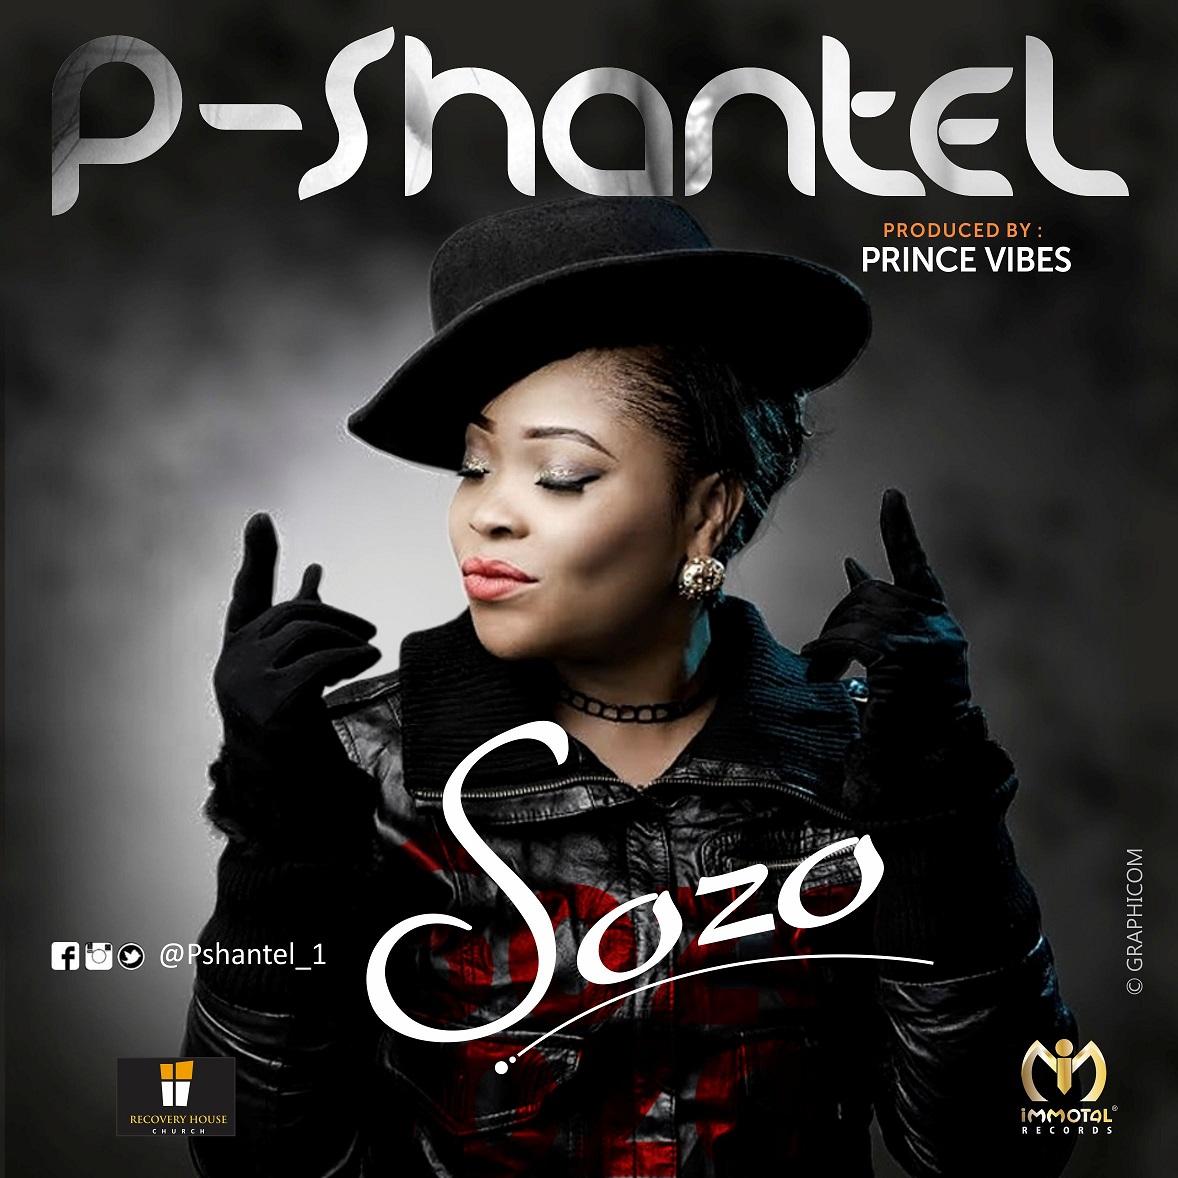 P-SHANTEL-SOZO